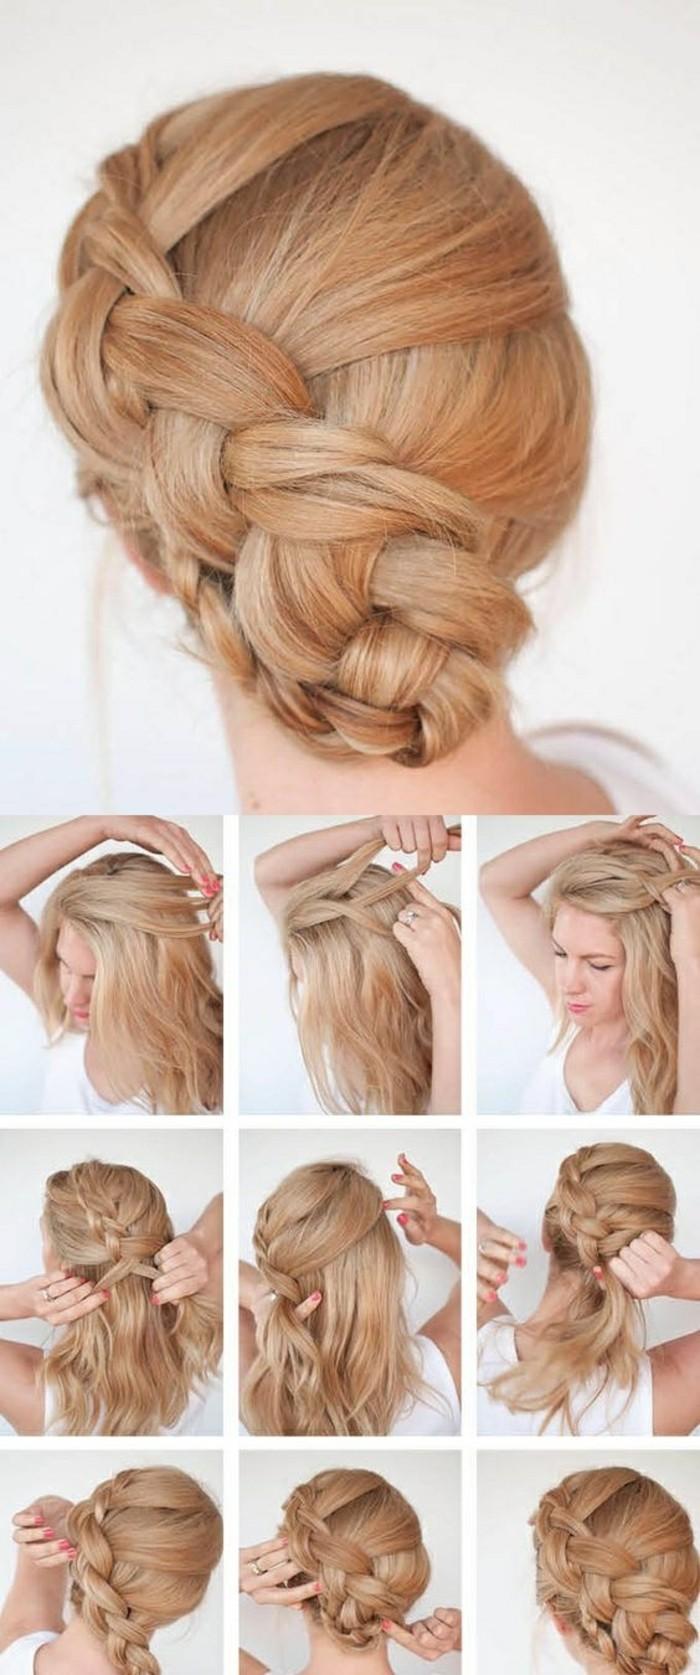 hochsteckfrisuren-selber-machen-lange-blonde-haare-großer-zopf-binden-weiße-bluse-frau-frisur